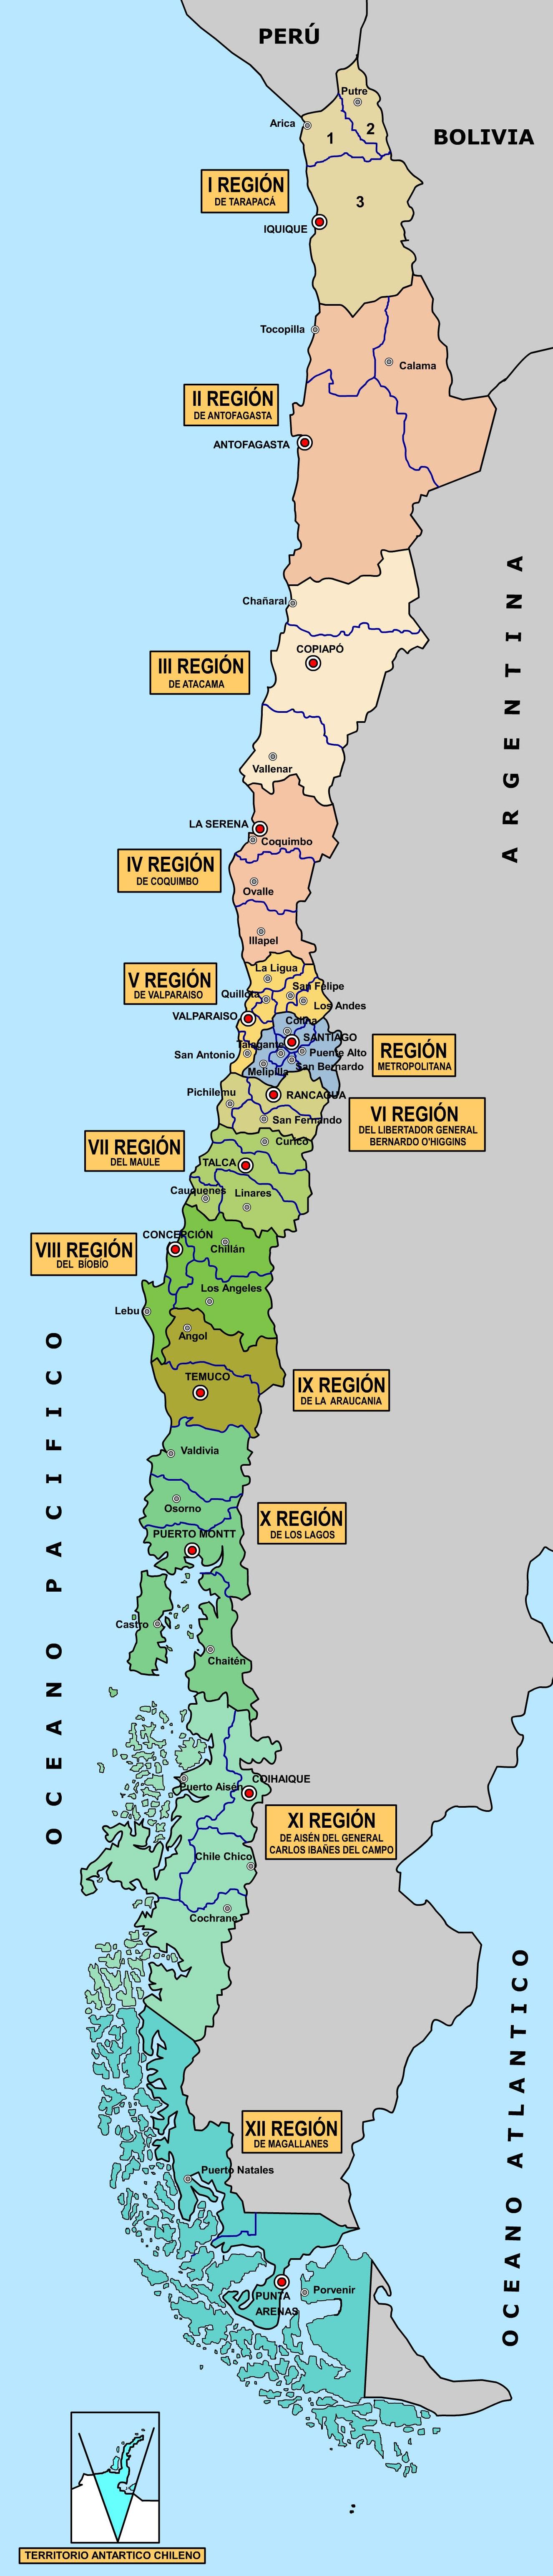 Mapa Politico De Chile.Mapa De Chile Mapa Politico De Chile Mapas Geograficos Y